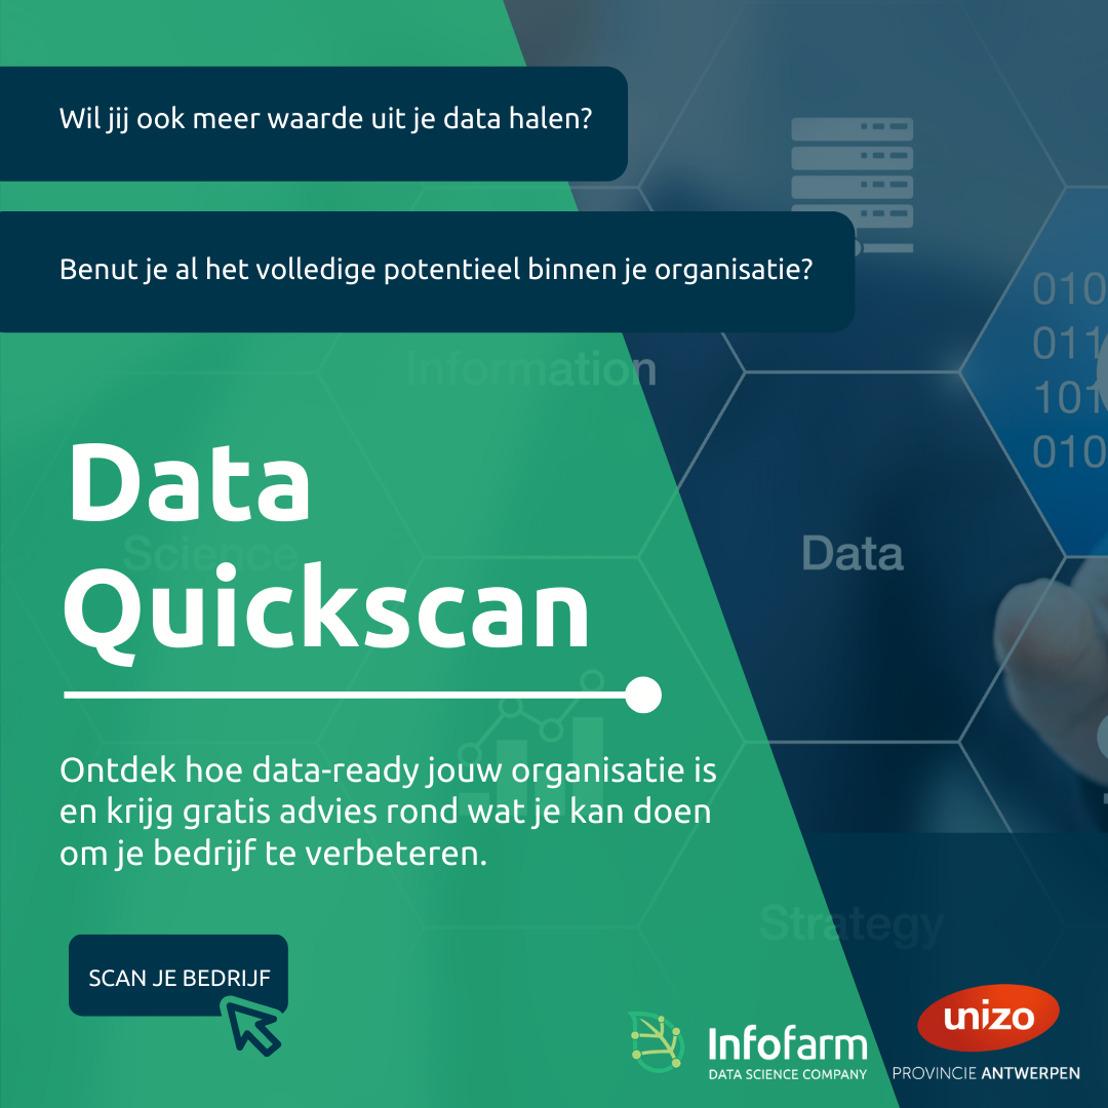 Unizo Antwerpen en InfoFarm helpen KMOs op weg met AI en Machine Learning